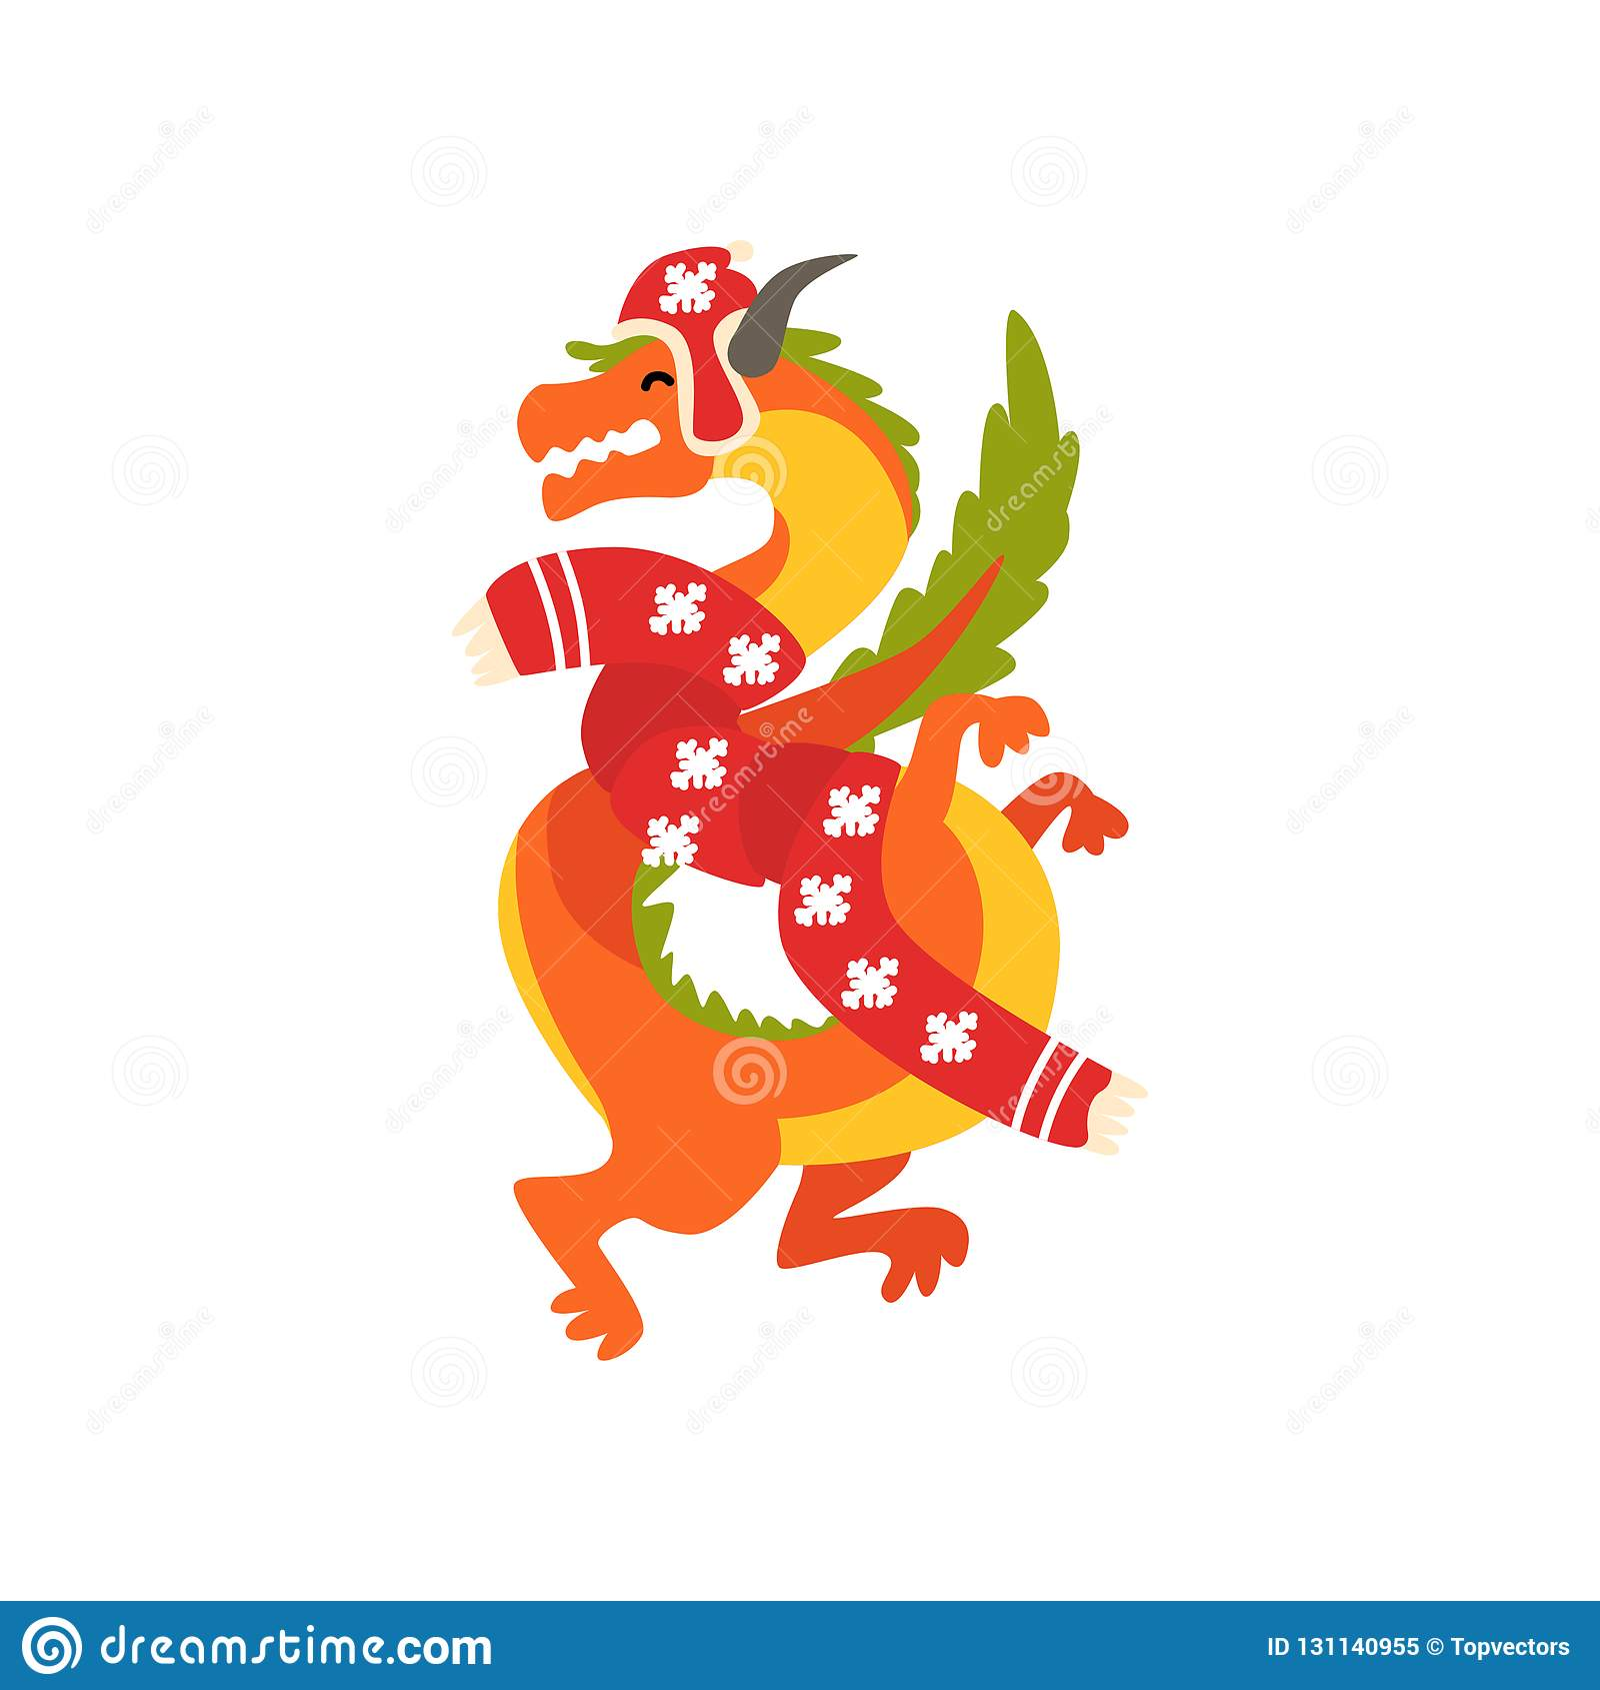 Σύμβολο δράκων του νέου έτους, χαριτωμένο ζώο του κινεζικού ωροσκοπίου στη διανυσματική απεικόνιση κοστουμιών Άγιου Βασίλη σε ένα